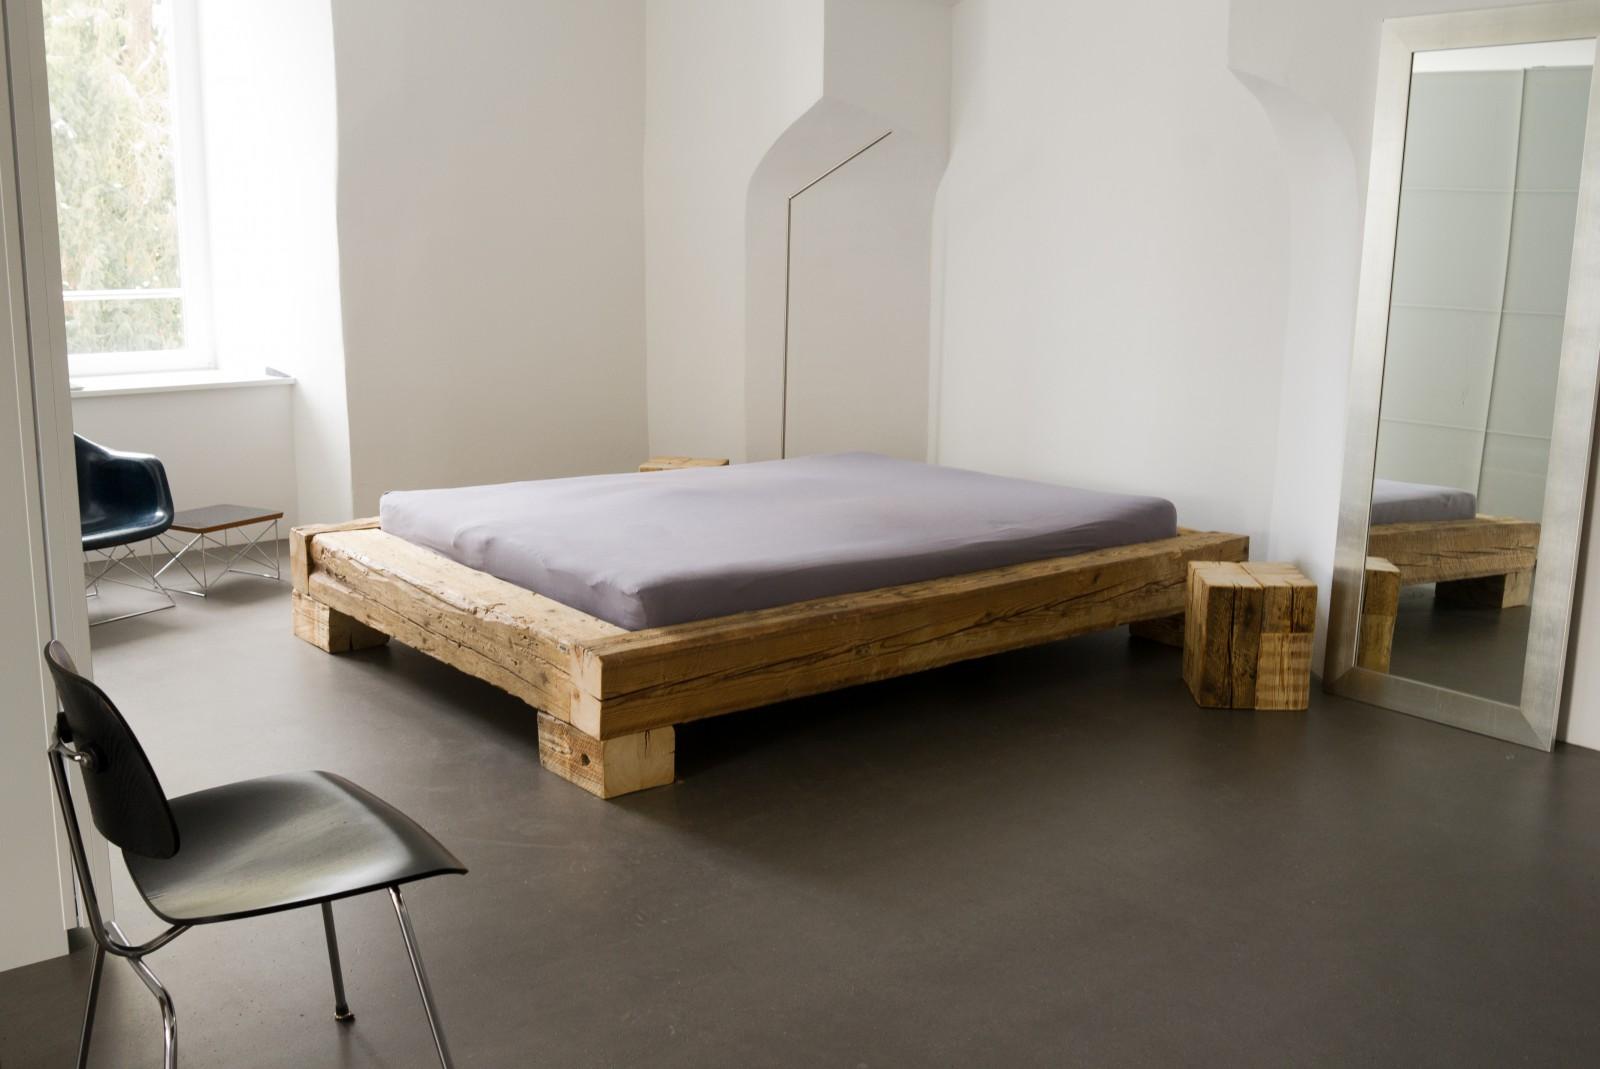 Bett «dezemberundjuli» aus Altholz